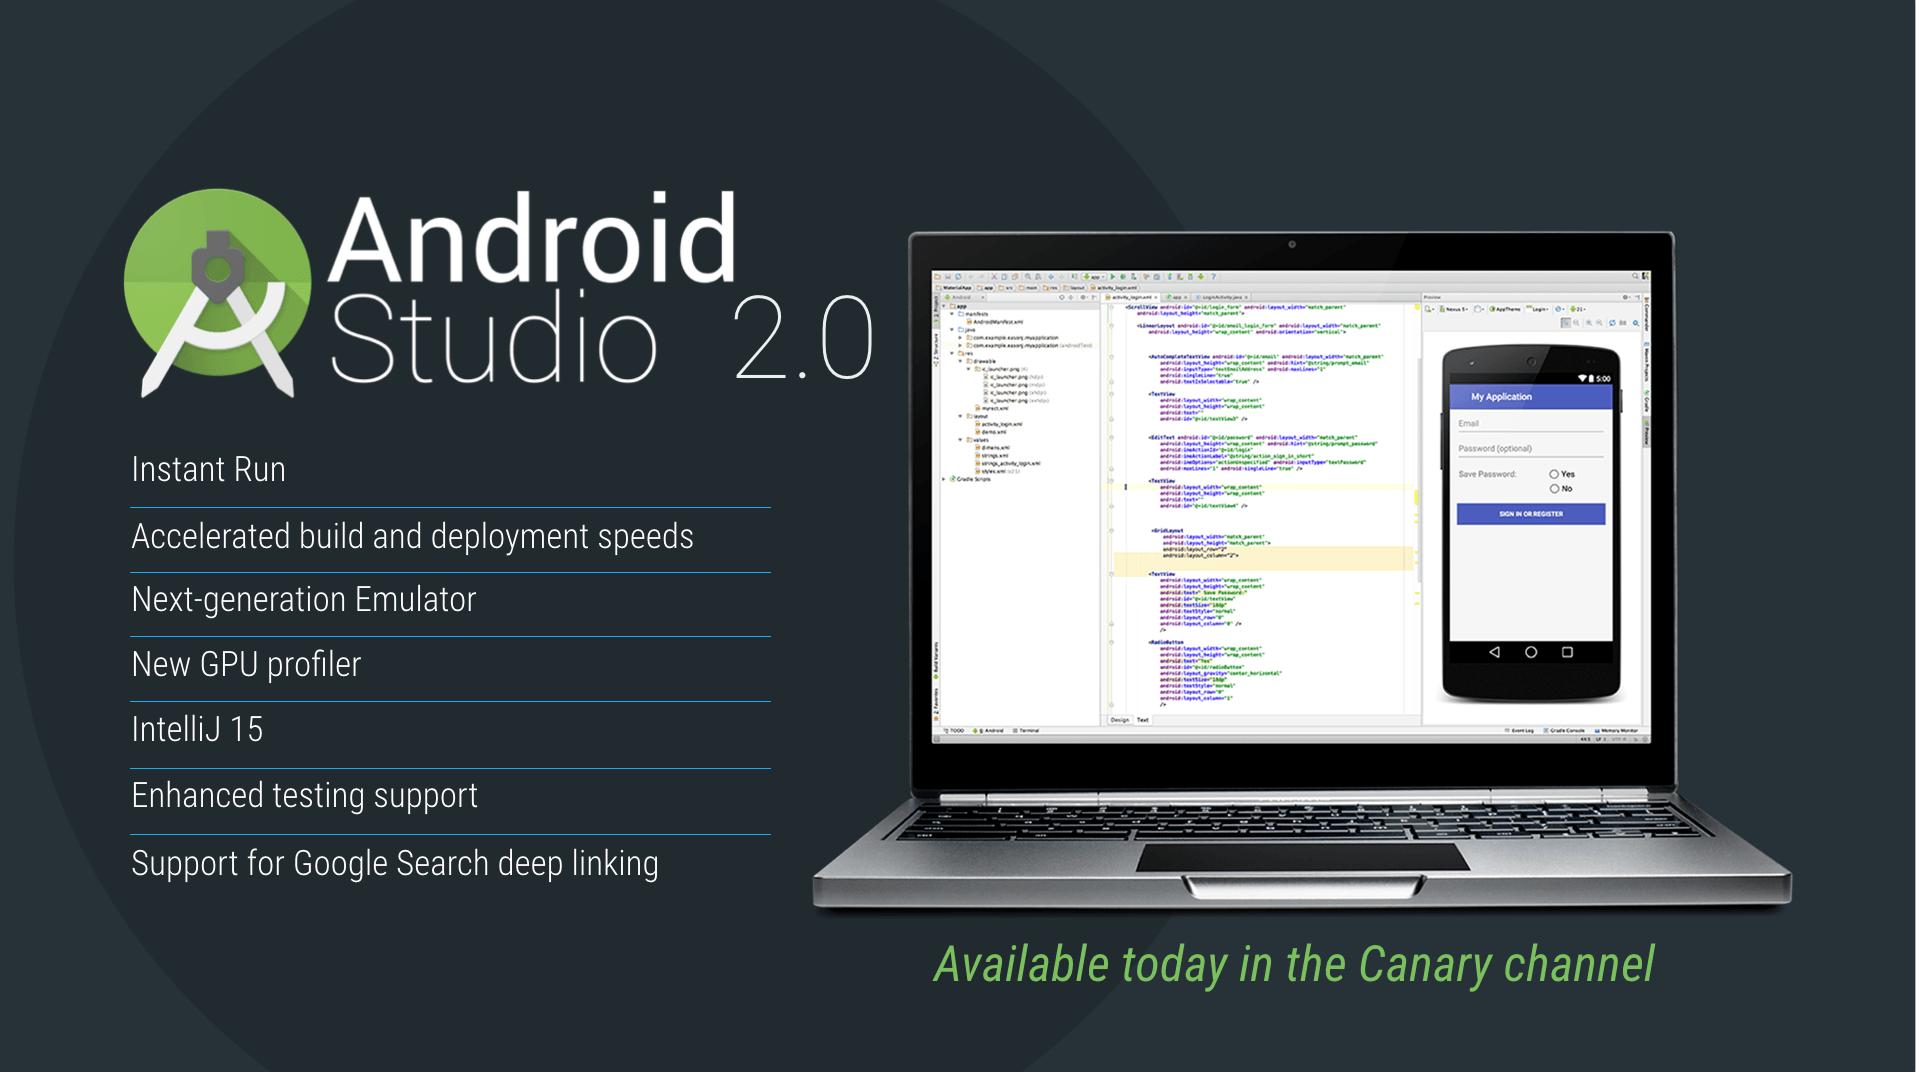 Android Studio Preview 2.0 : l'instant run pour accélérer le développement